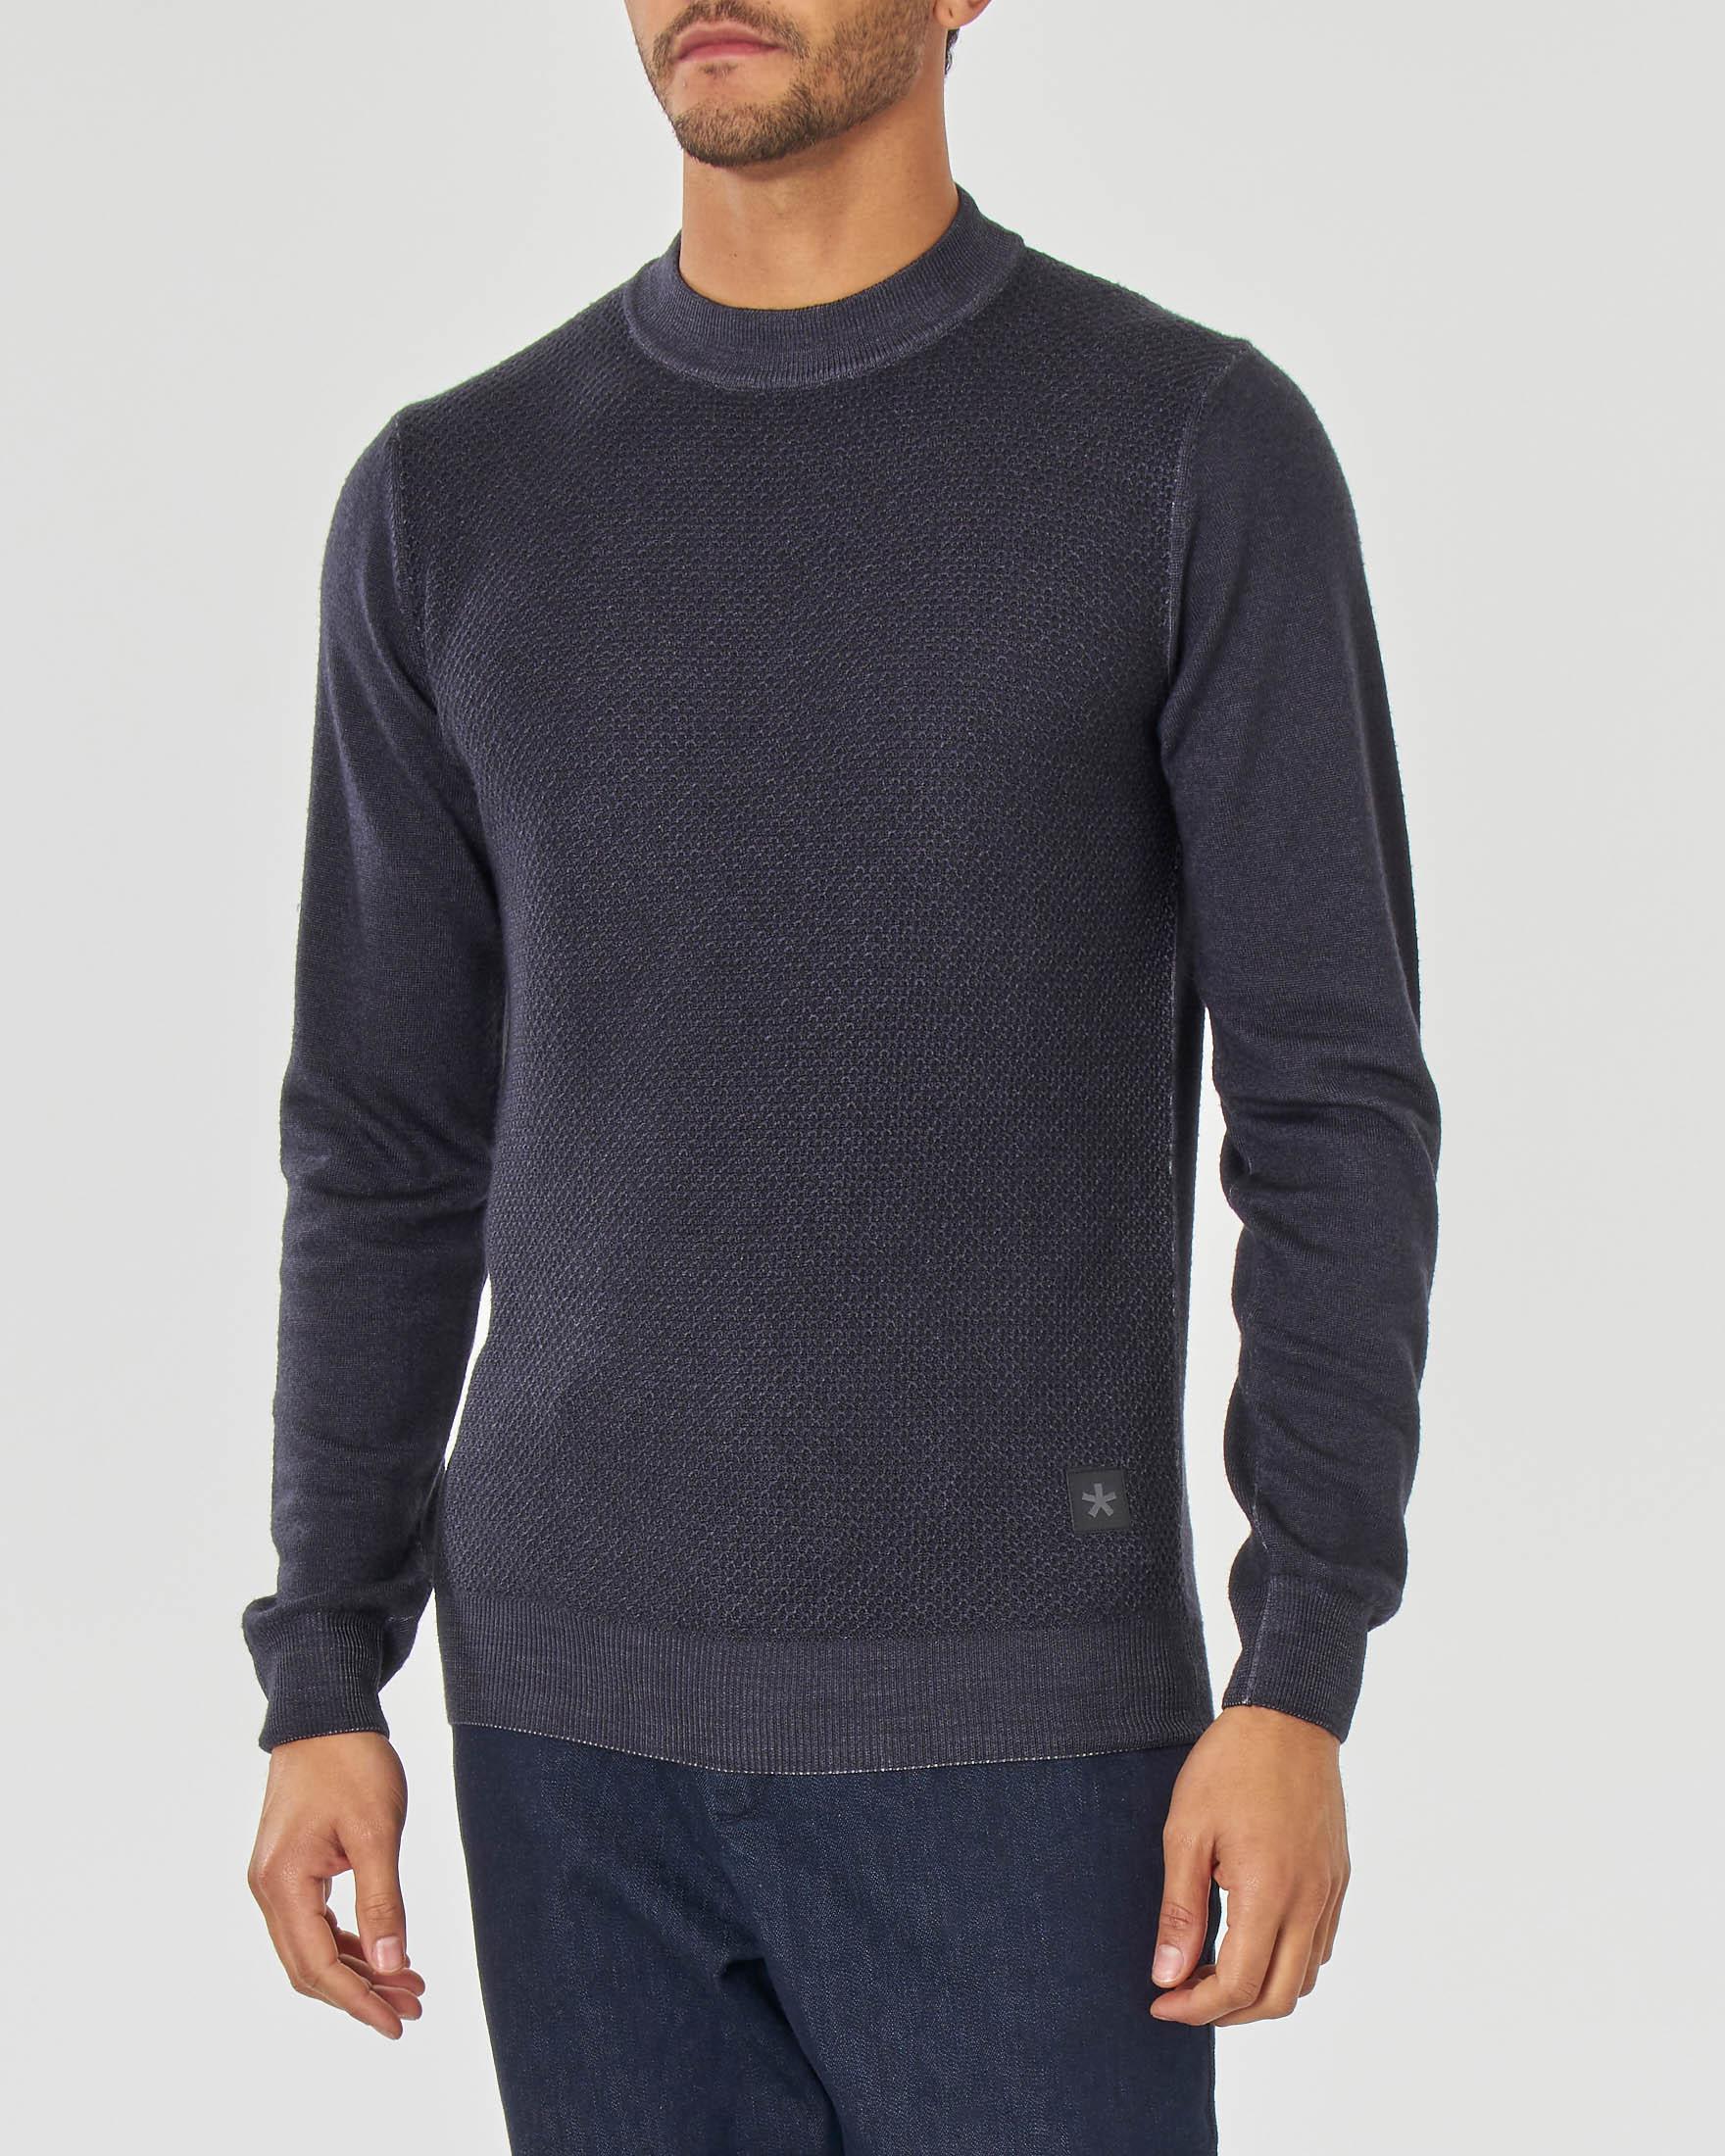 Maglia grigio antracite girocollo in pura lana merinos finezza 7 con pannello frontale micro armatura